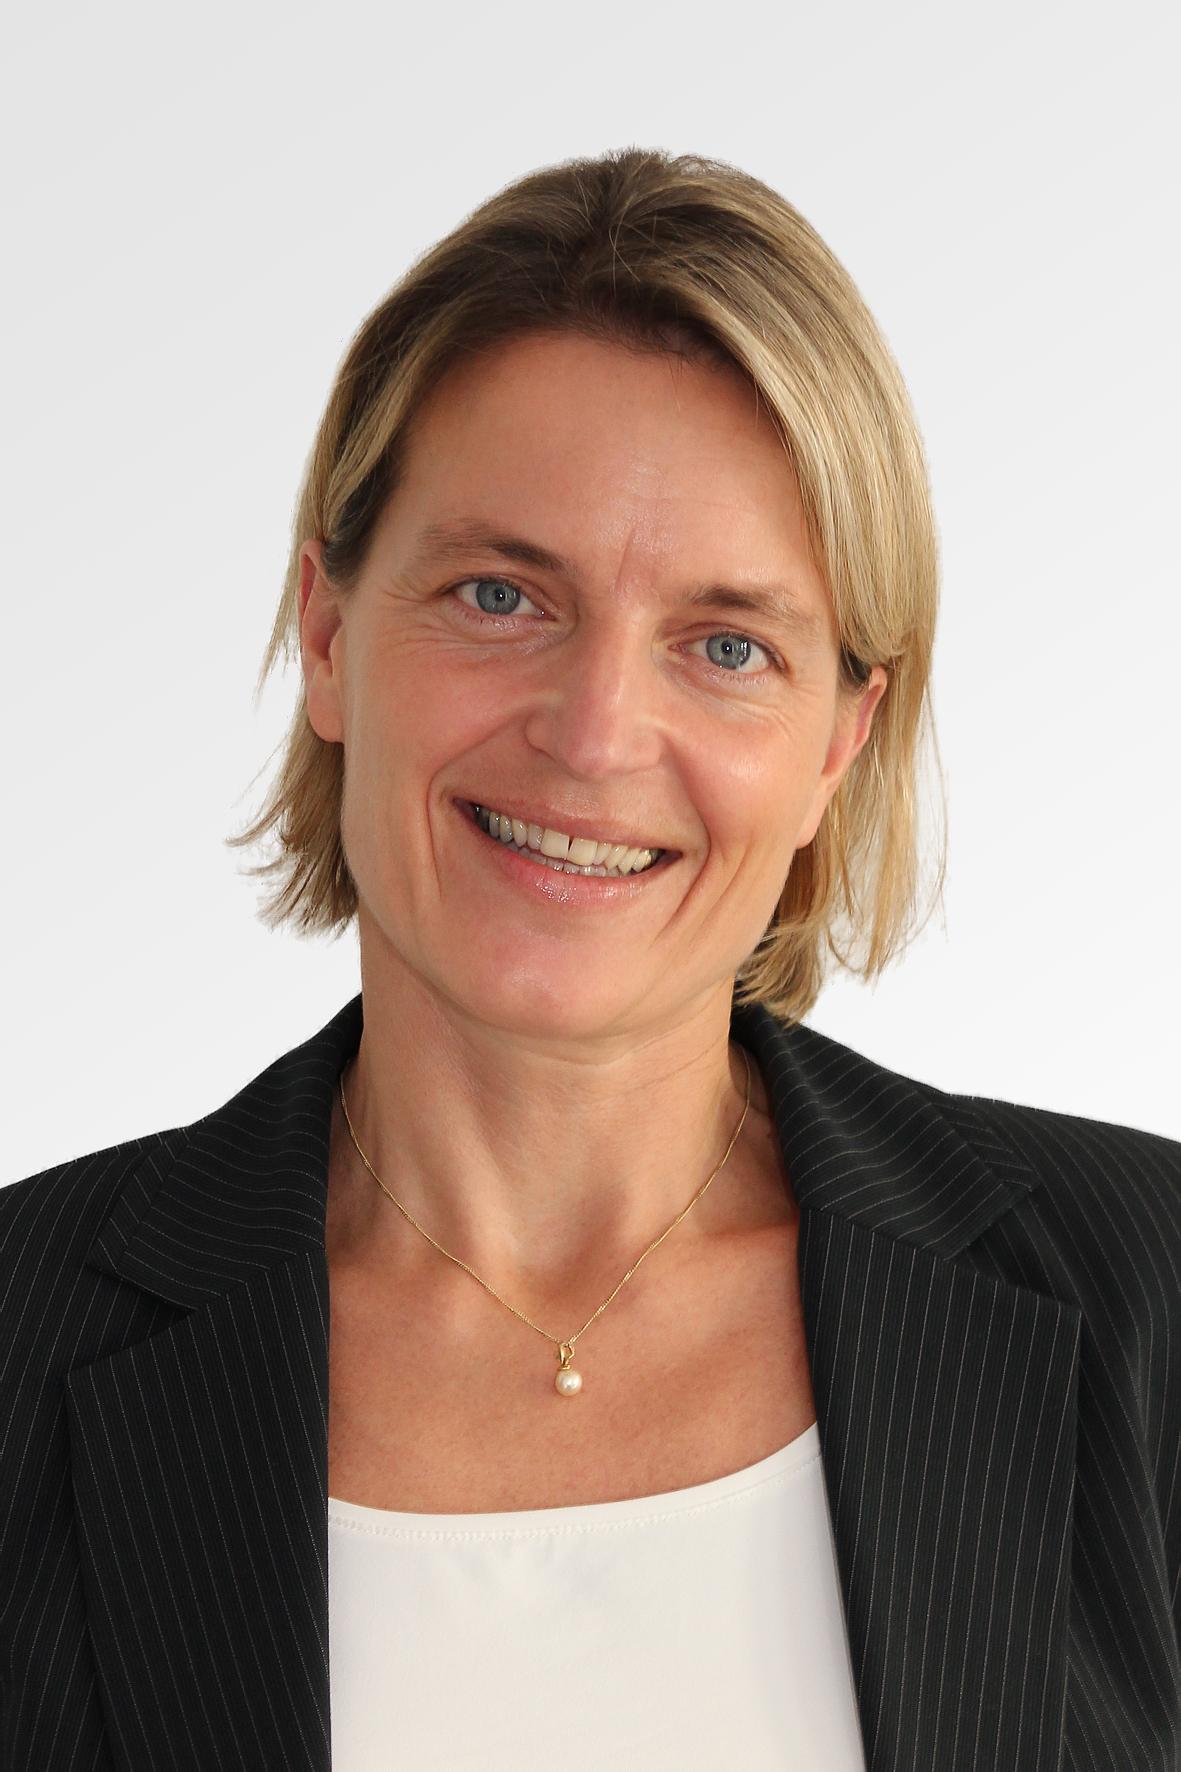 Christina Pöltl